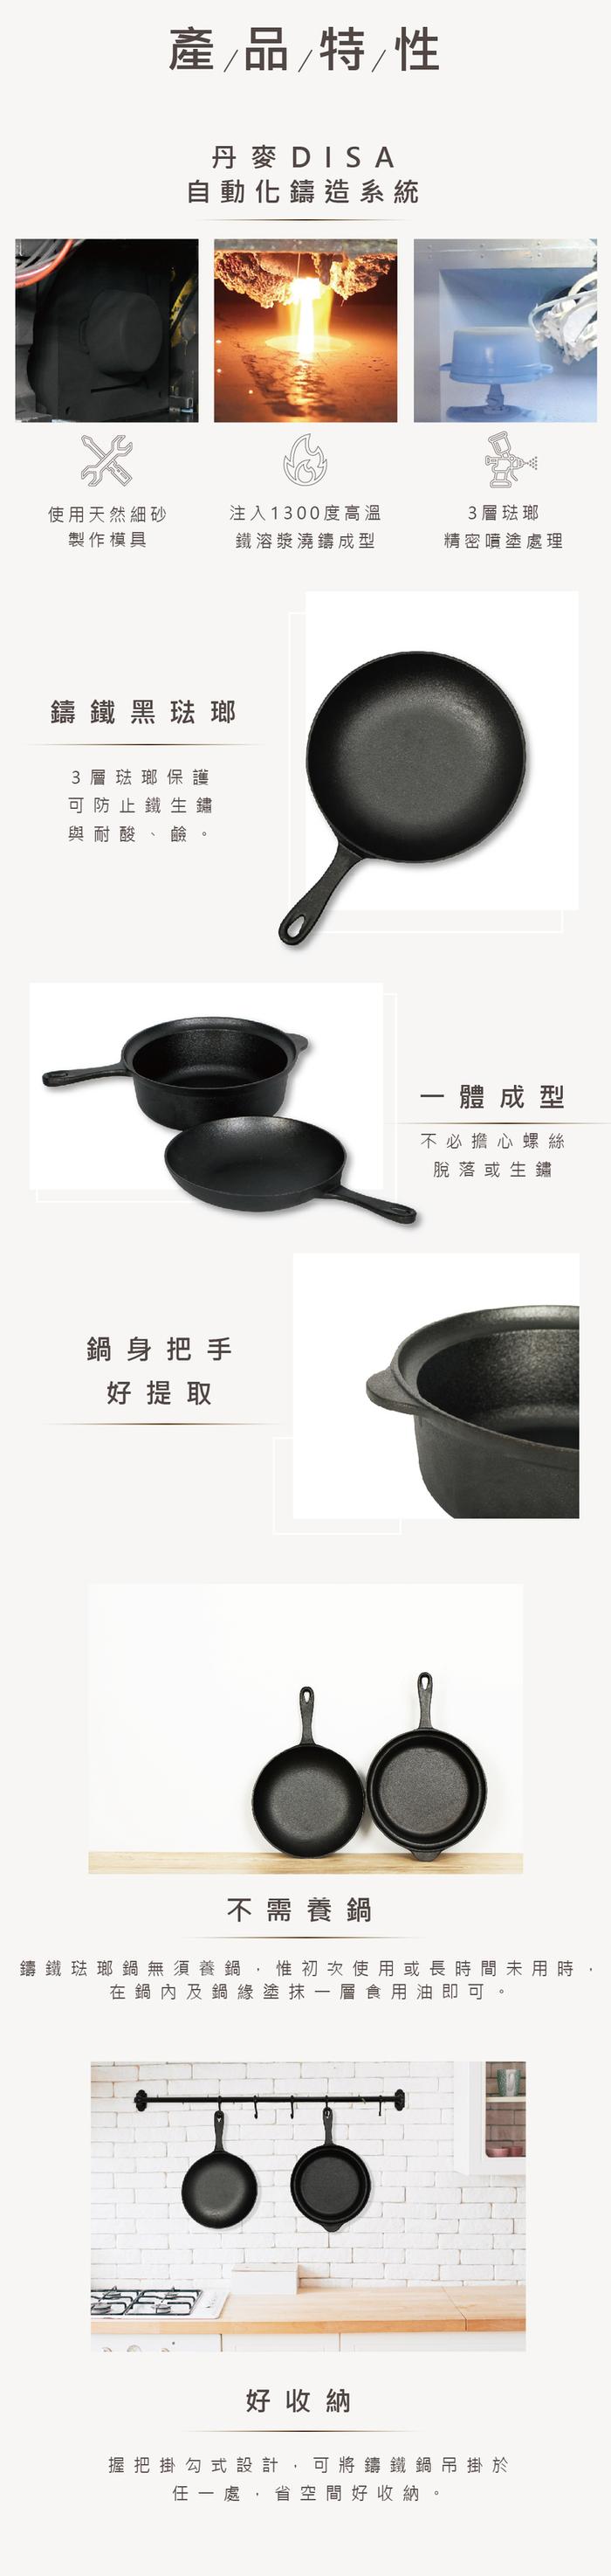 MULTEE摩堤|22cmTOGO鑄鐵琺瑯鍋(買就送單柄矽晶隔熱套2入組)